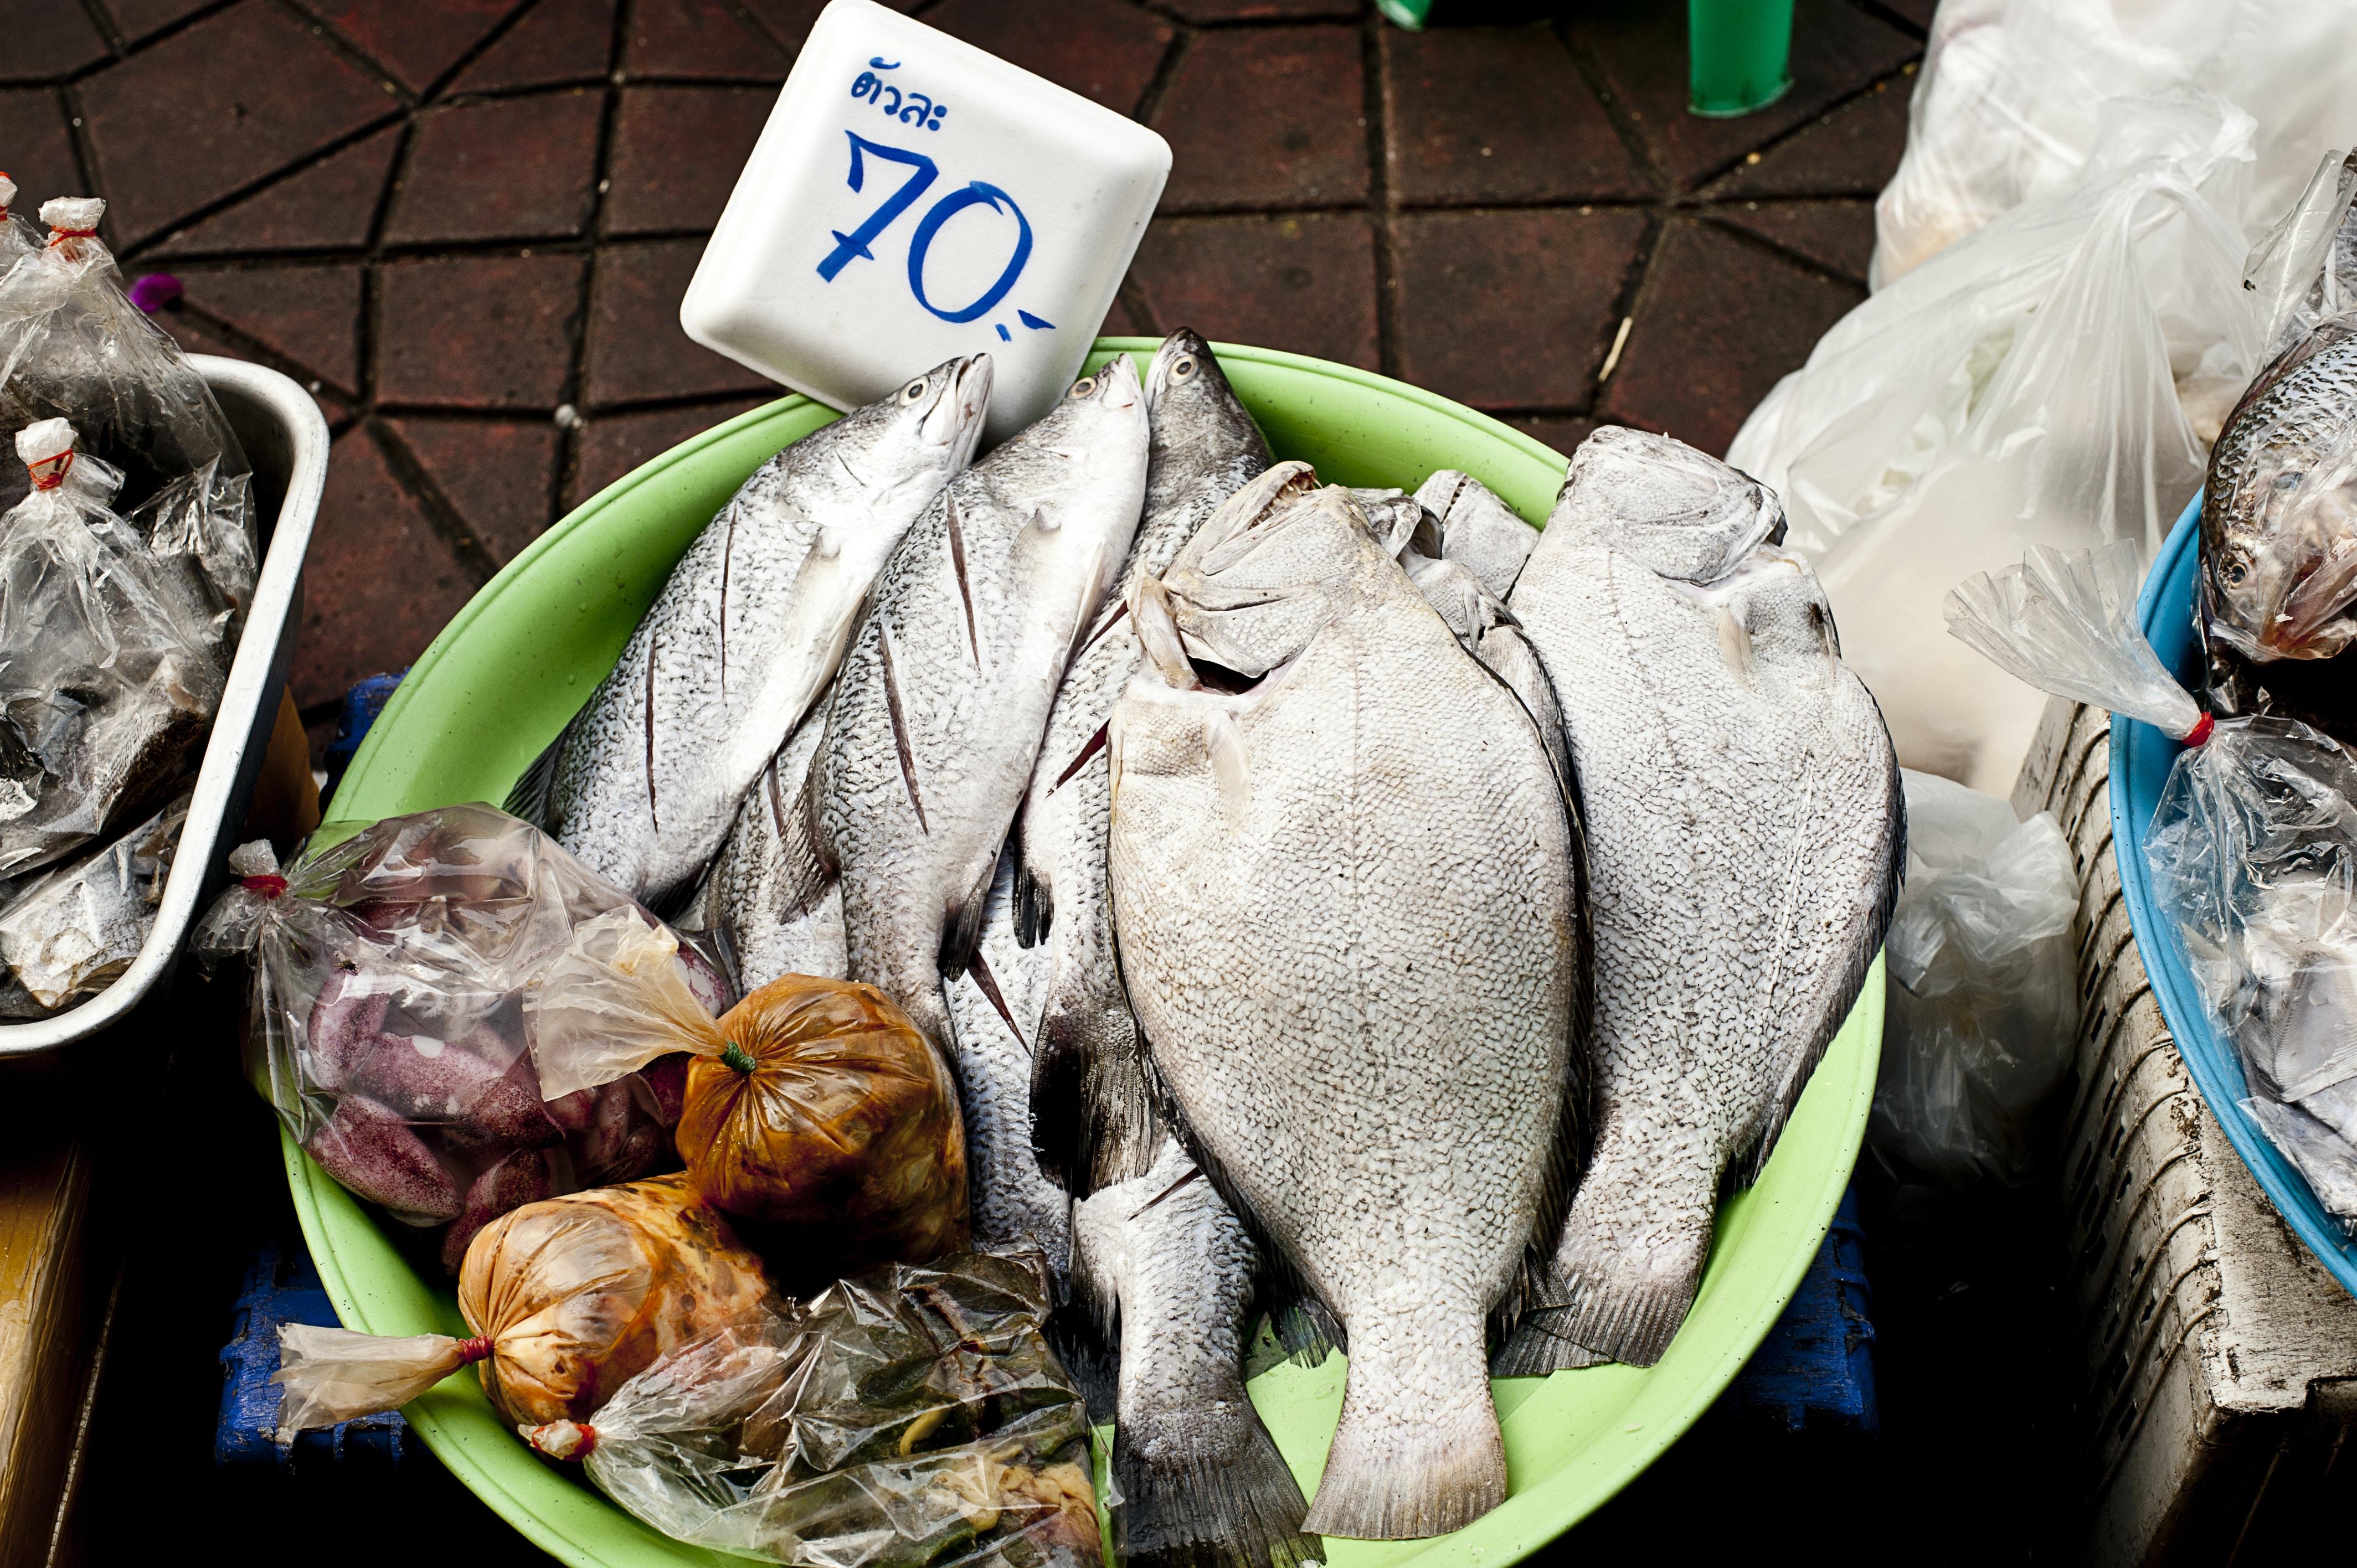 Fish in a large bowl at a fishmonger's stall at a fish market